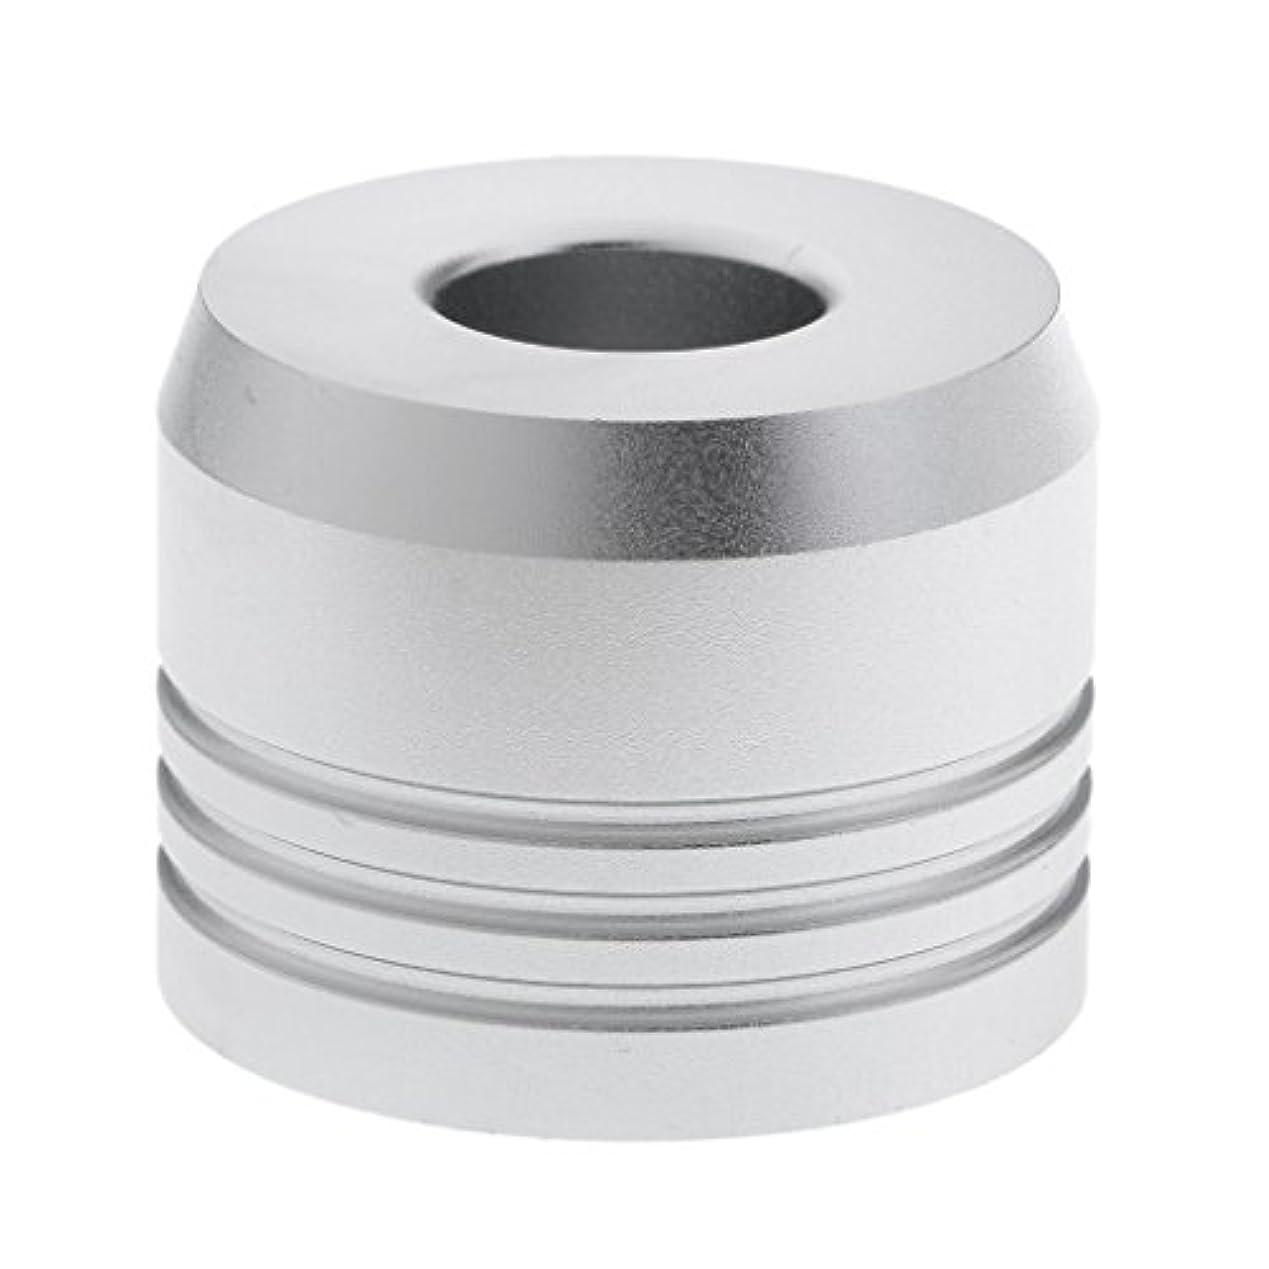 タンカー流暢信じるカミソリスタンド スタンド シェービング カミソリホルダー ベース サポート 調節可 乾燥 2色選べ - 銀